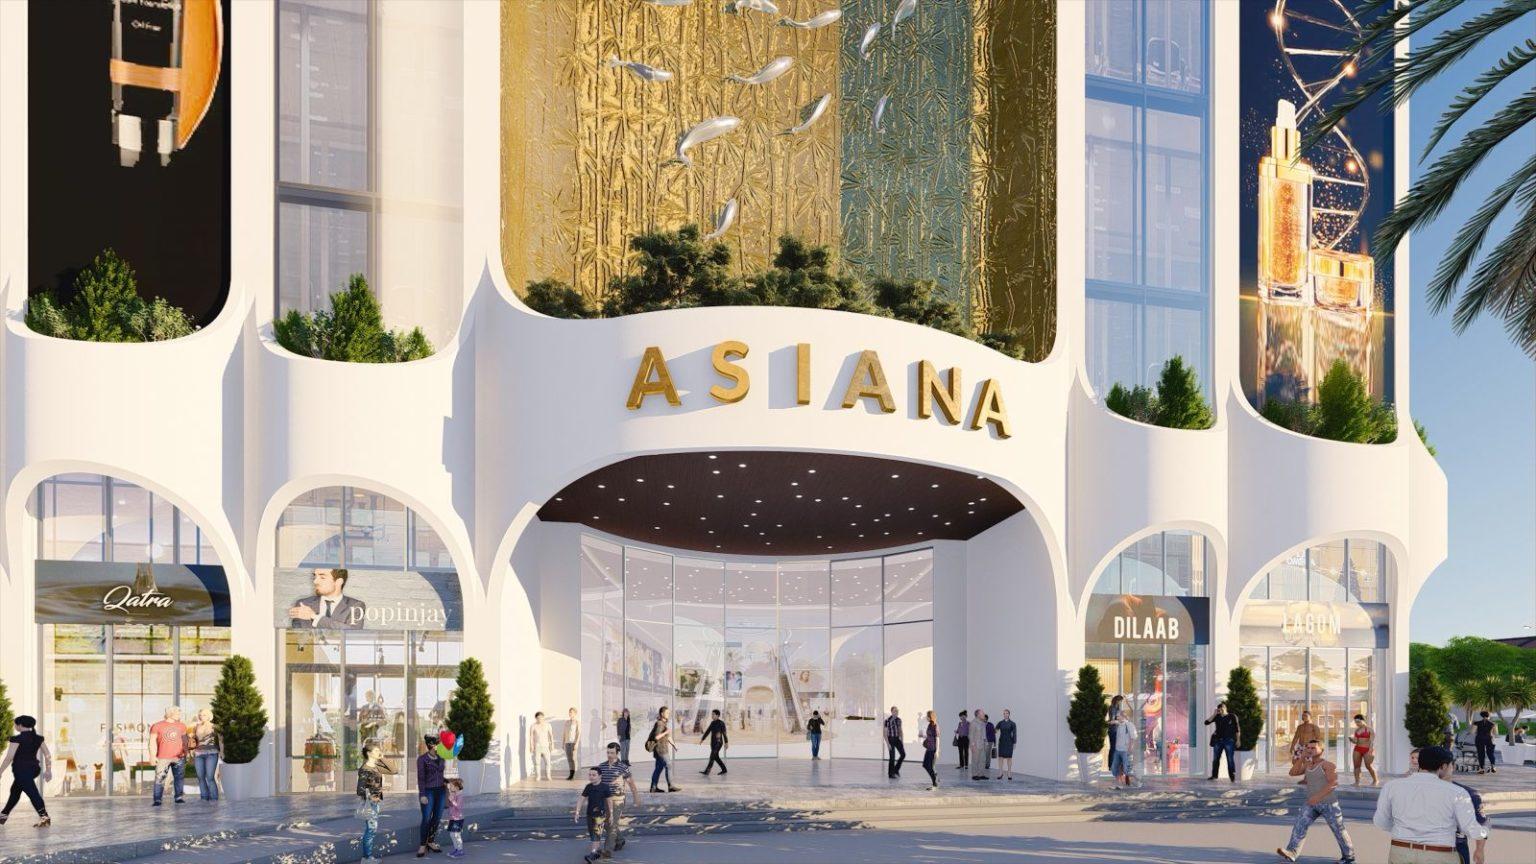 Trung tâm mua sắm hiện đại tại Asiana Đà Nẵng